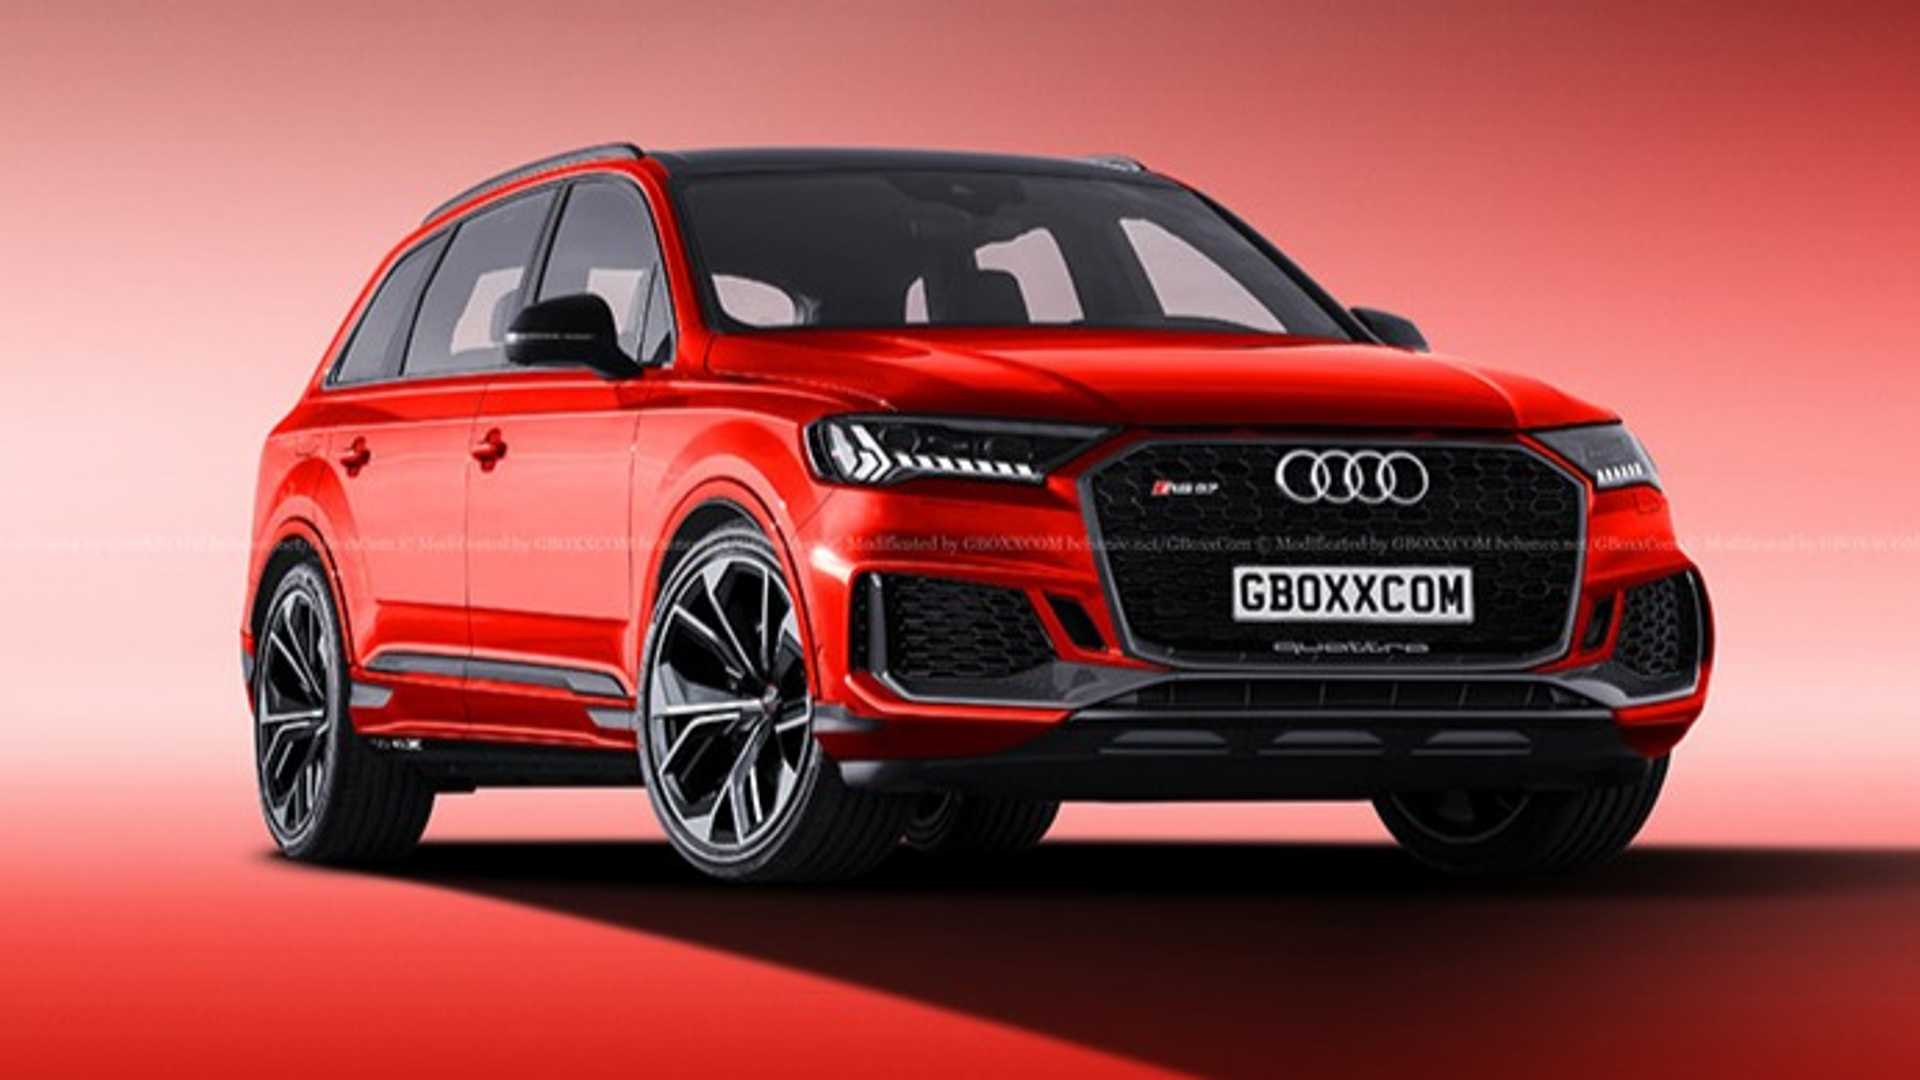 Kekurangan Audi Q7 Rs Tangguh